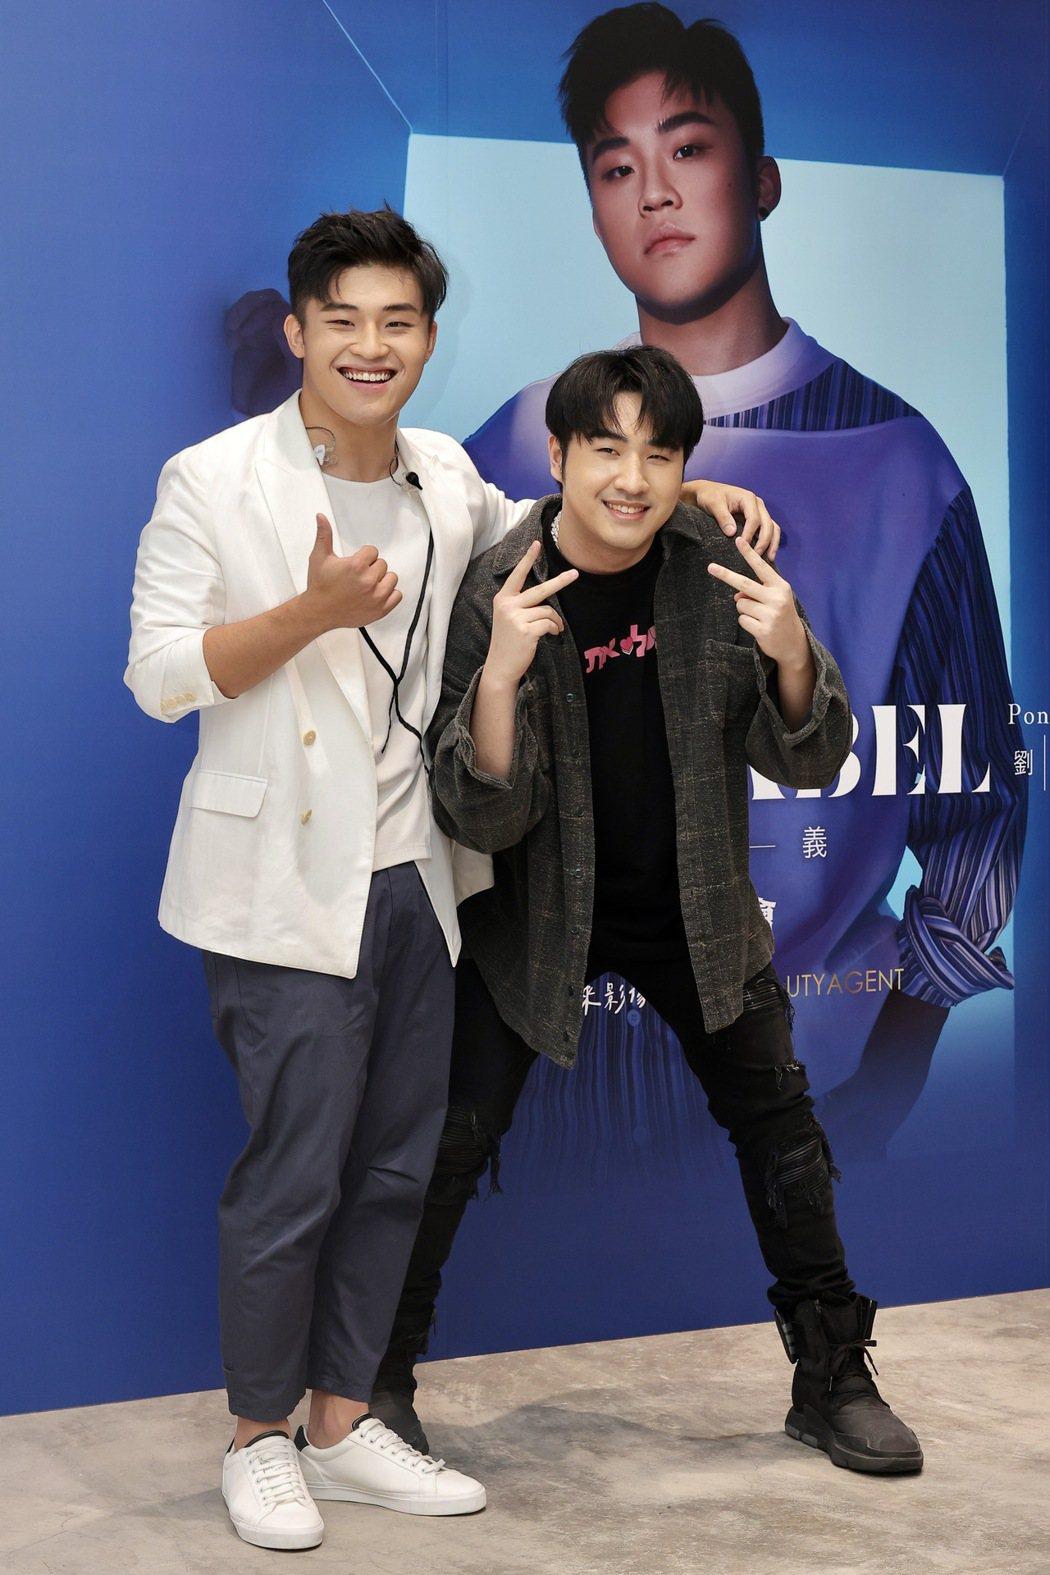 劉昊(左)和伯克利音樂學院學長鹿希派約好未來要一起合作。記者李政龍/攝影